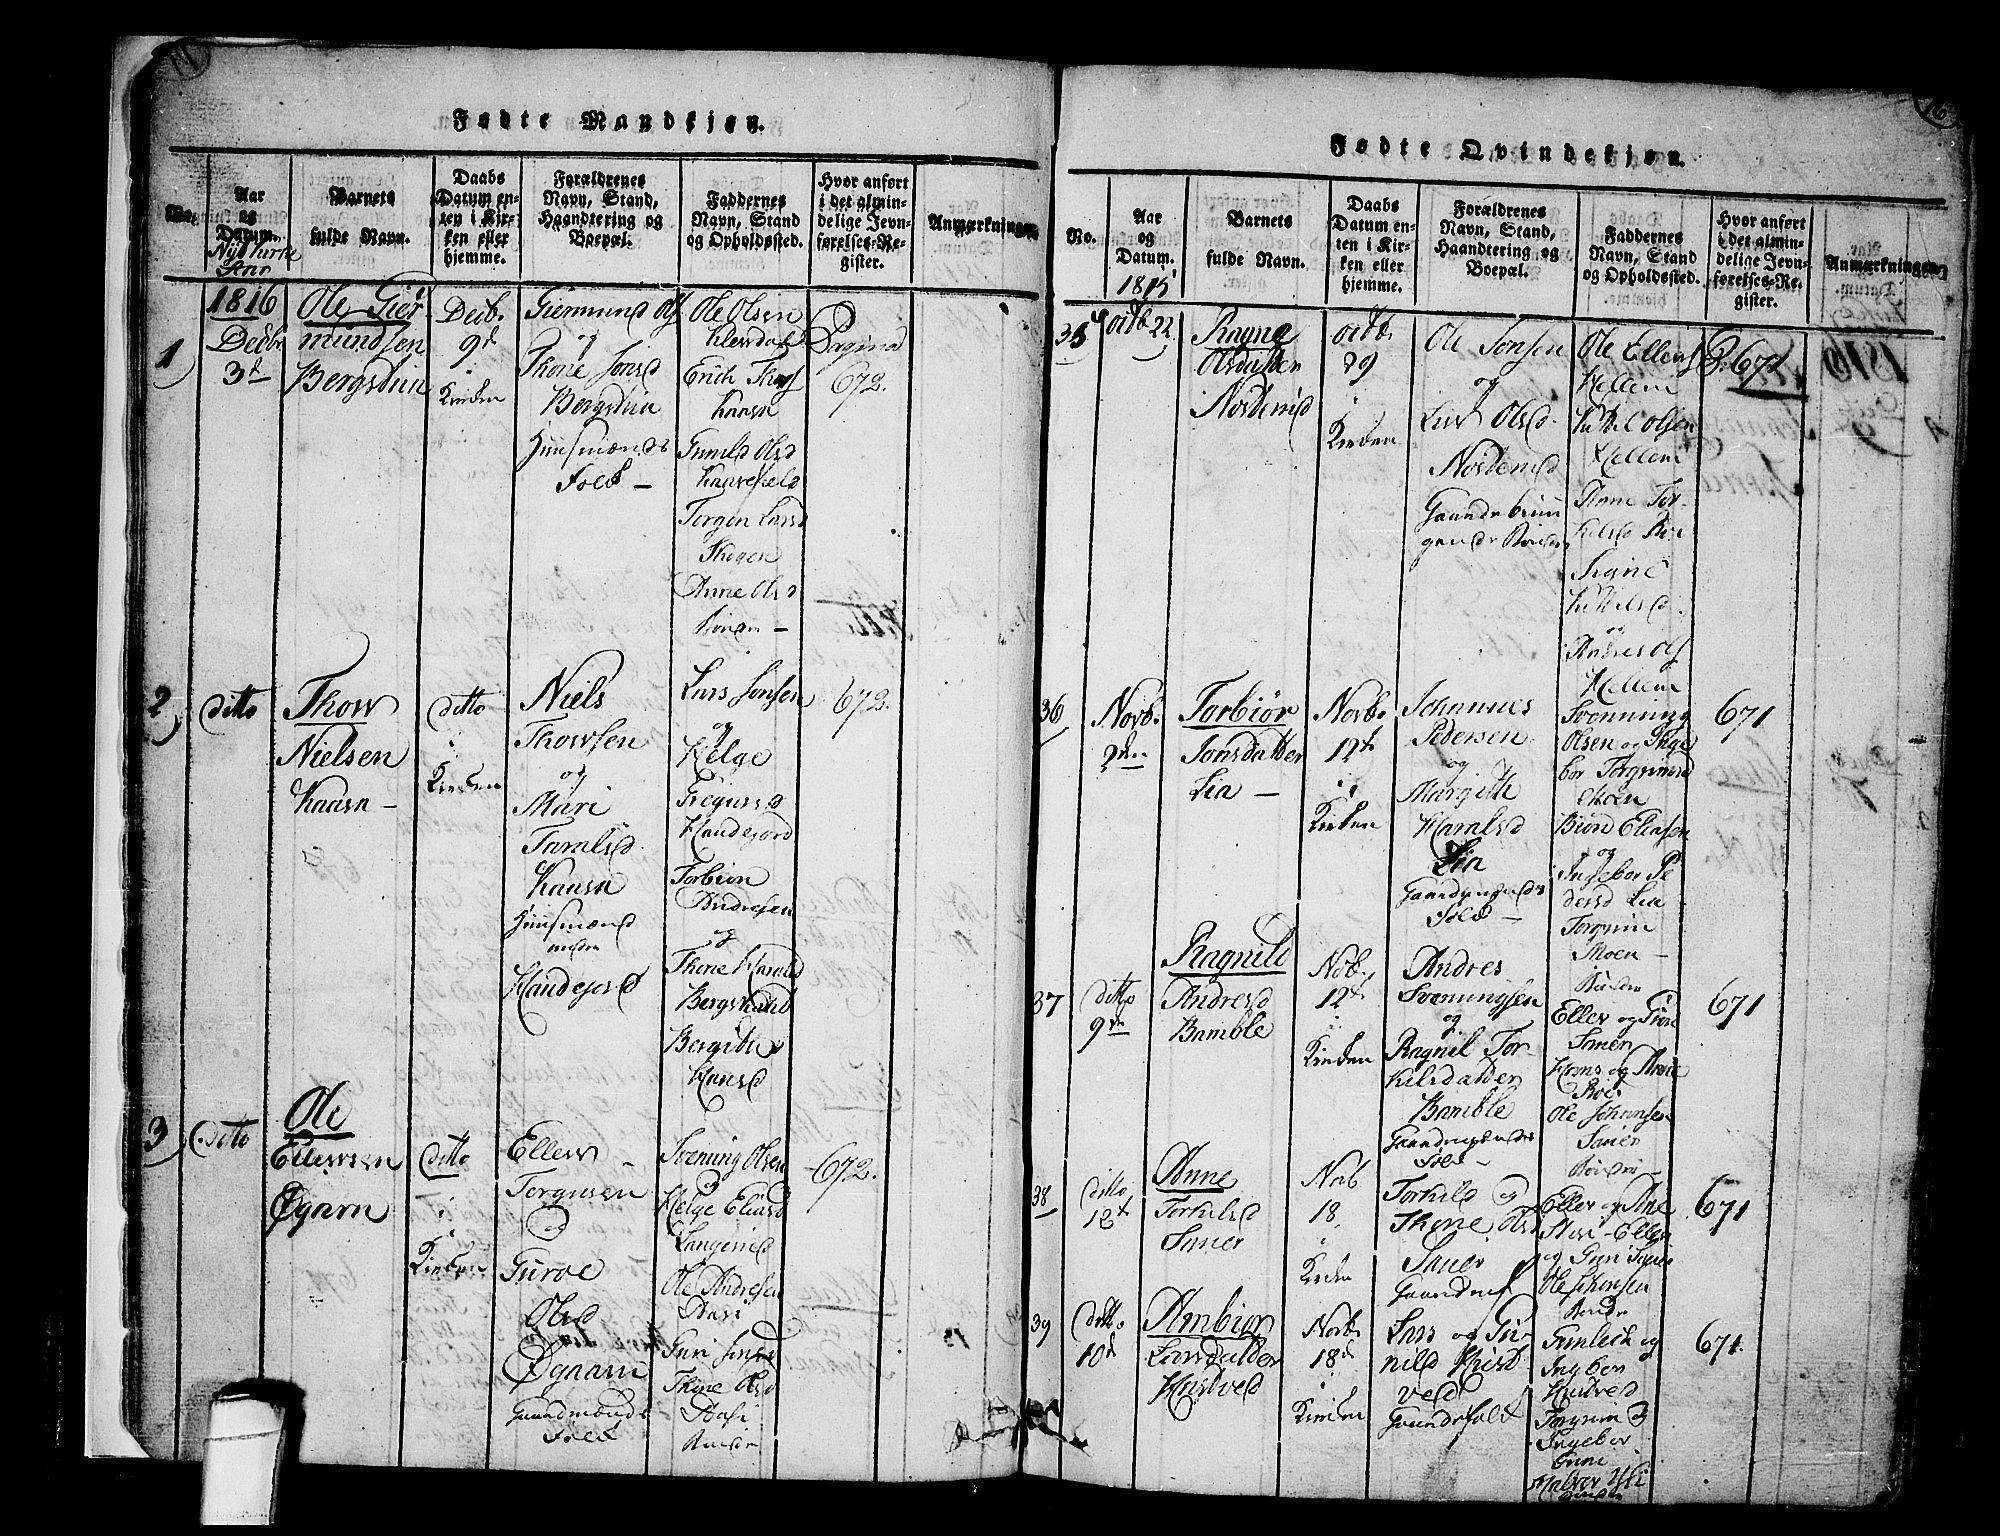 SAKO, Heddal kirkebøker, F/Fa/L0005: Ministerialbok nr. I 5, 1814-1837, s. 15-16